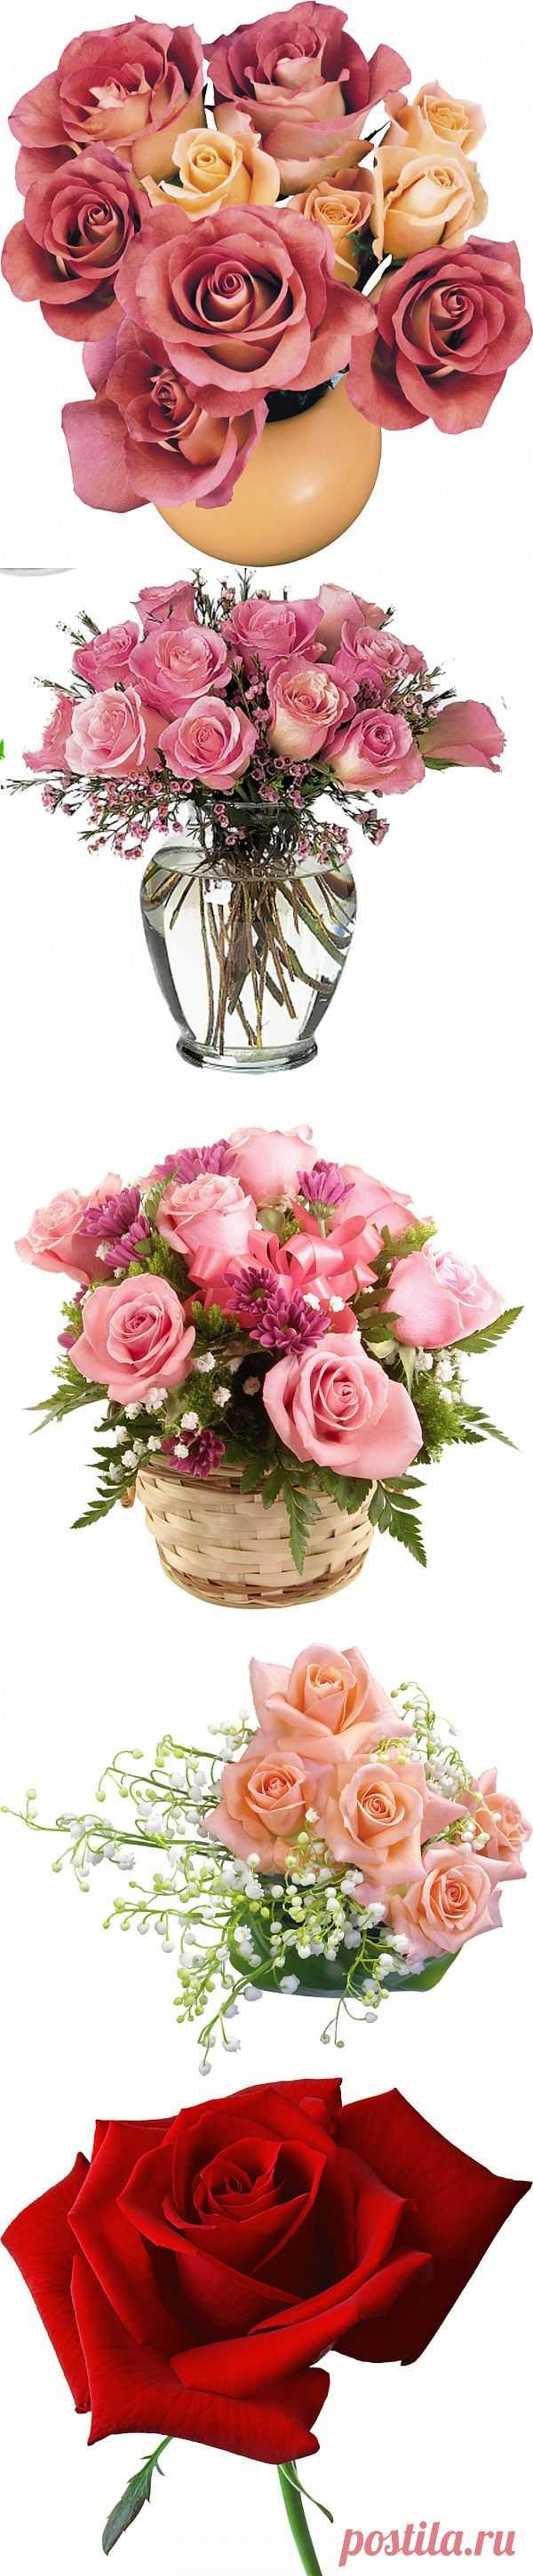 Офигенно красивые розы PNG.